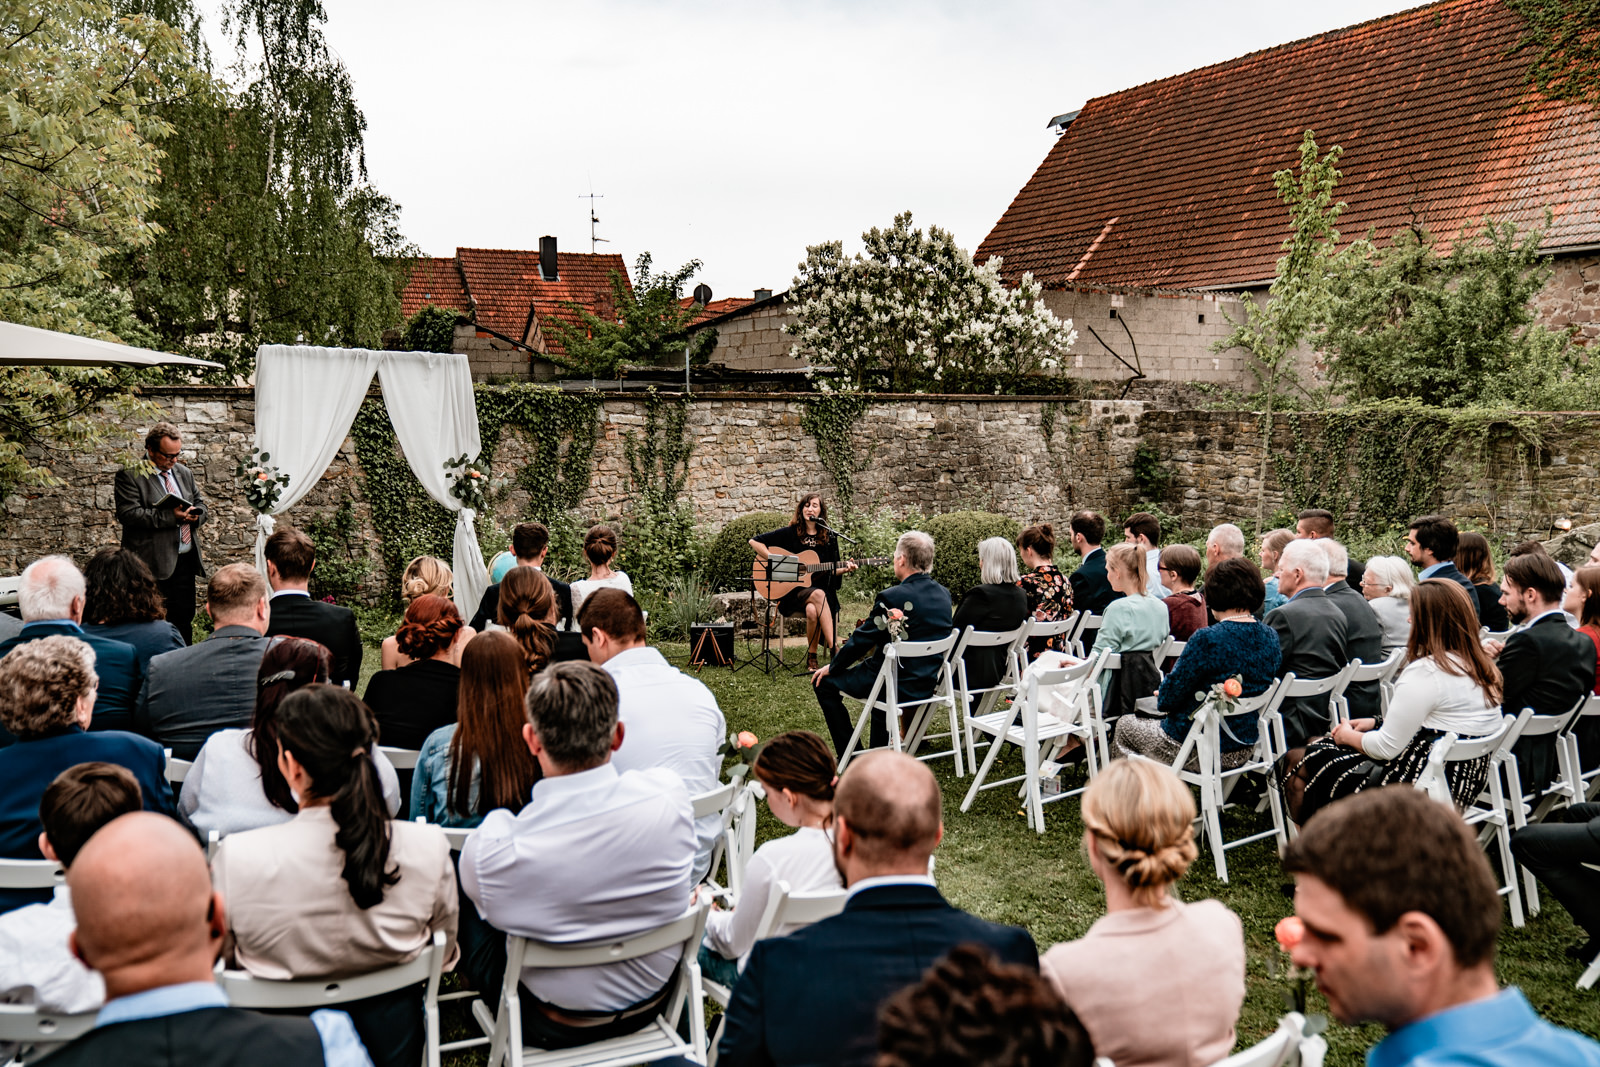 Hochzeit im Freien in der Villa Sommerach bei Würzburg. Hochzeitsbilder vom Hochzeitsfotograf Axel Link